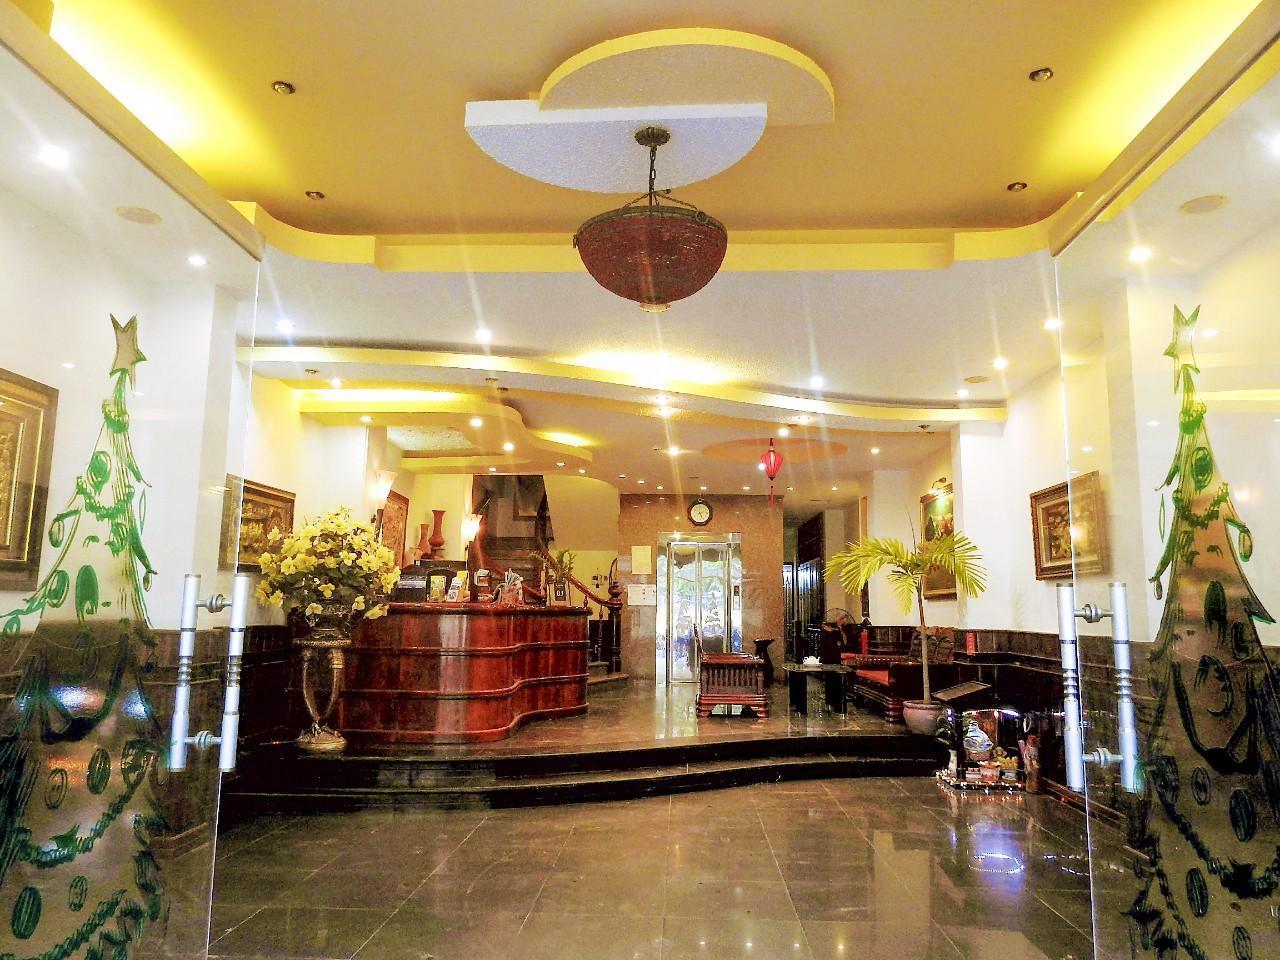 La Suisse Hotel